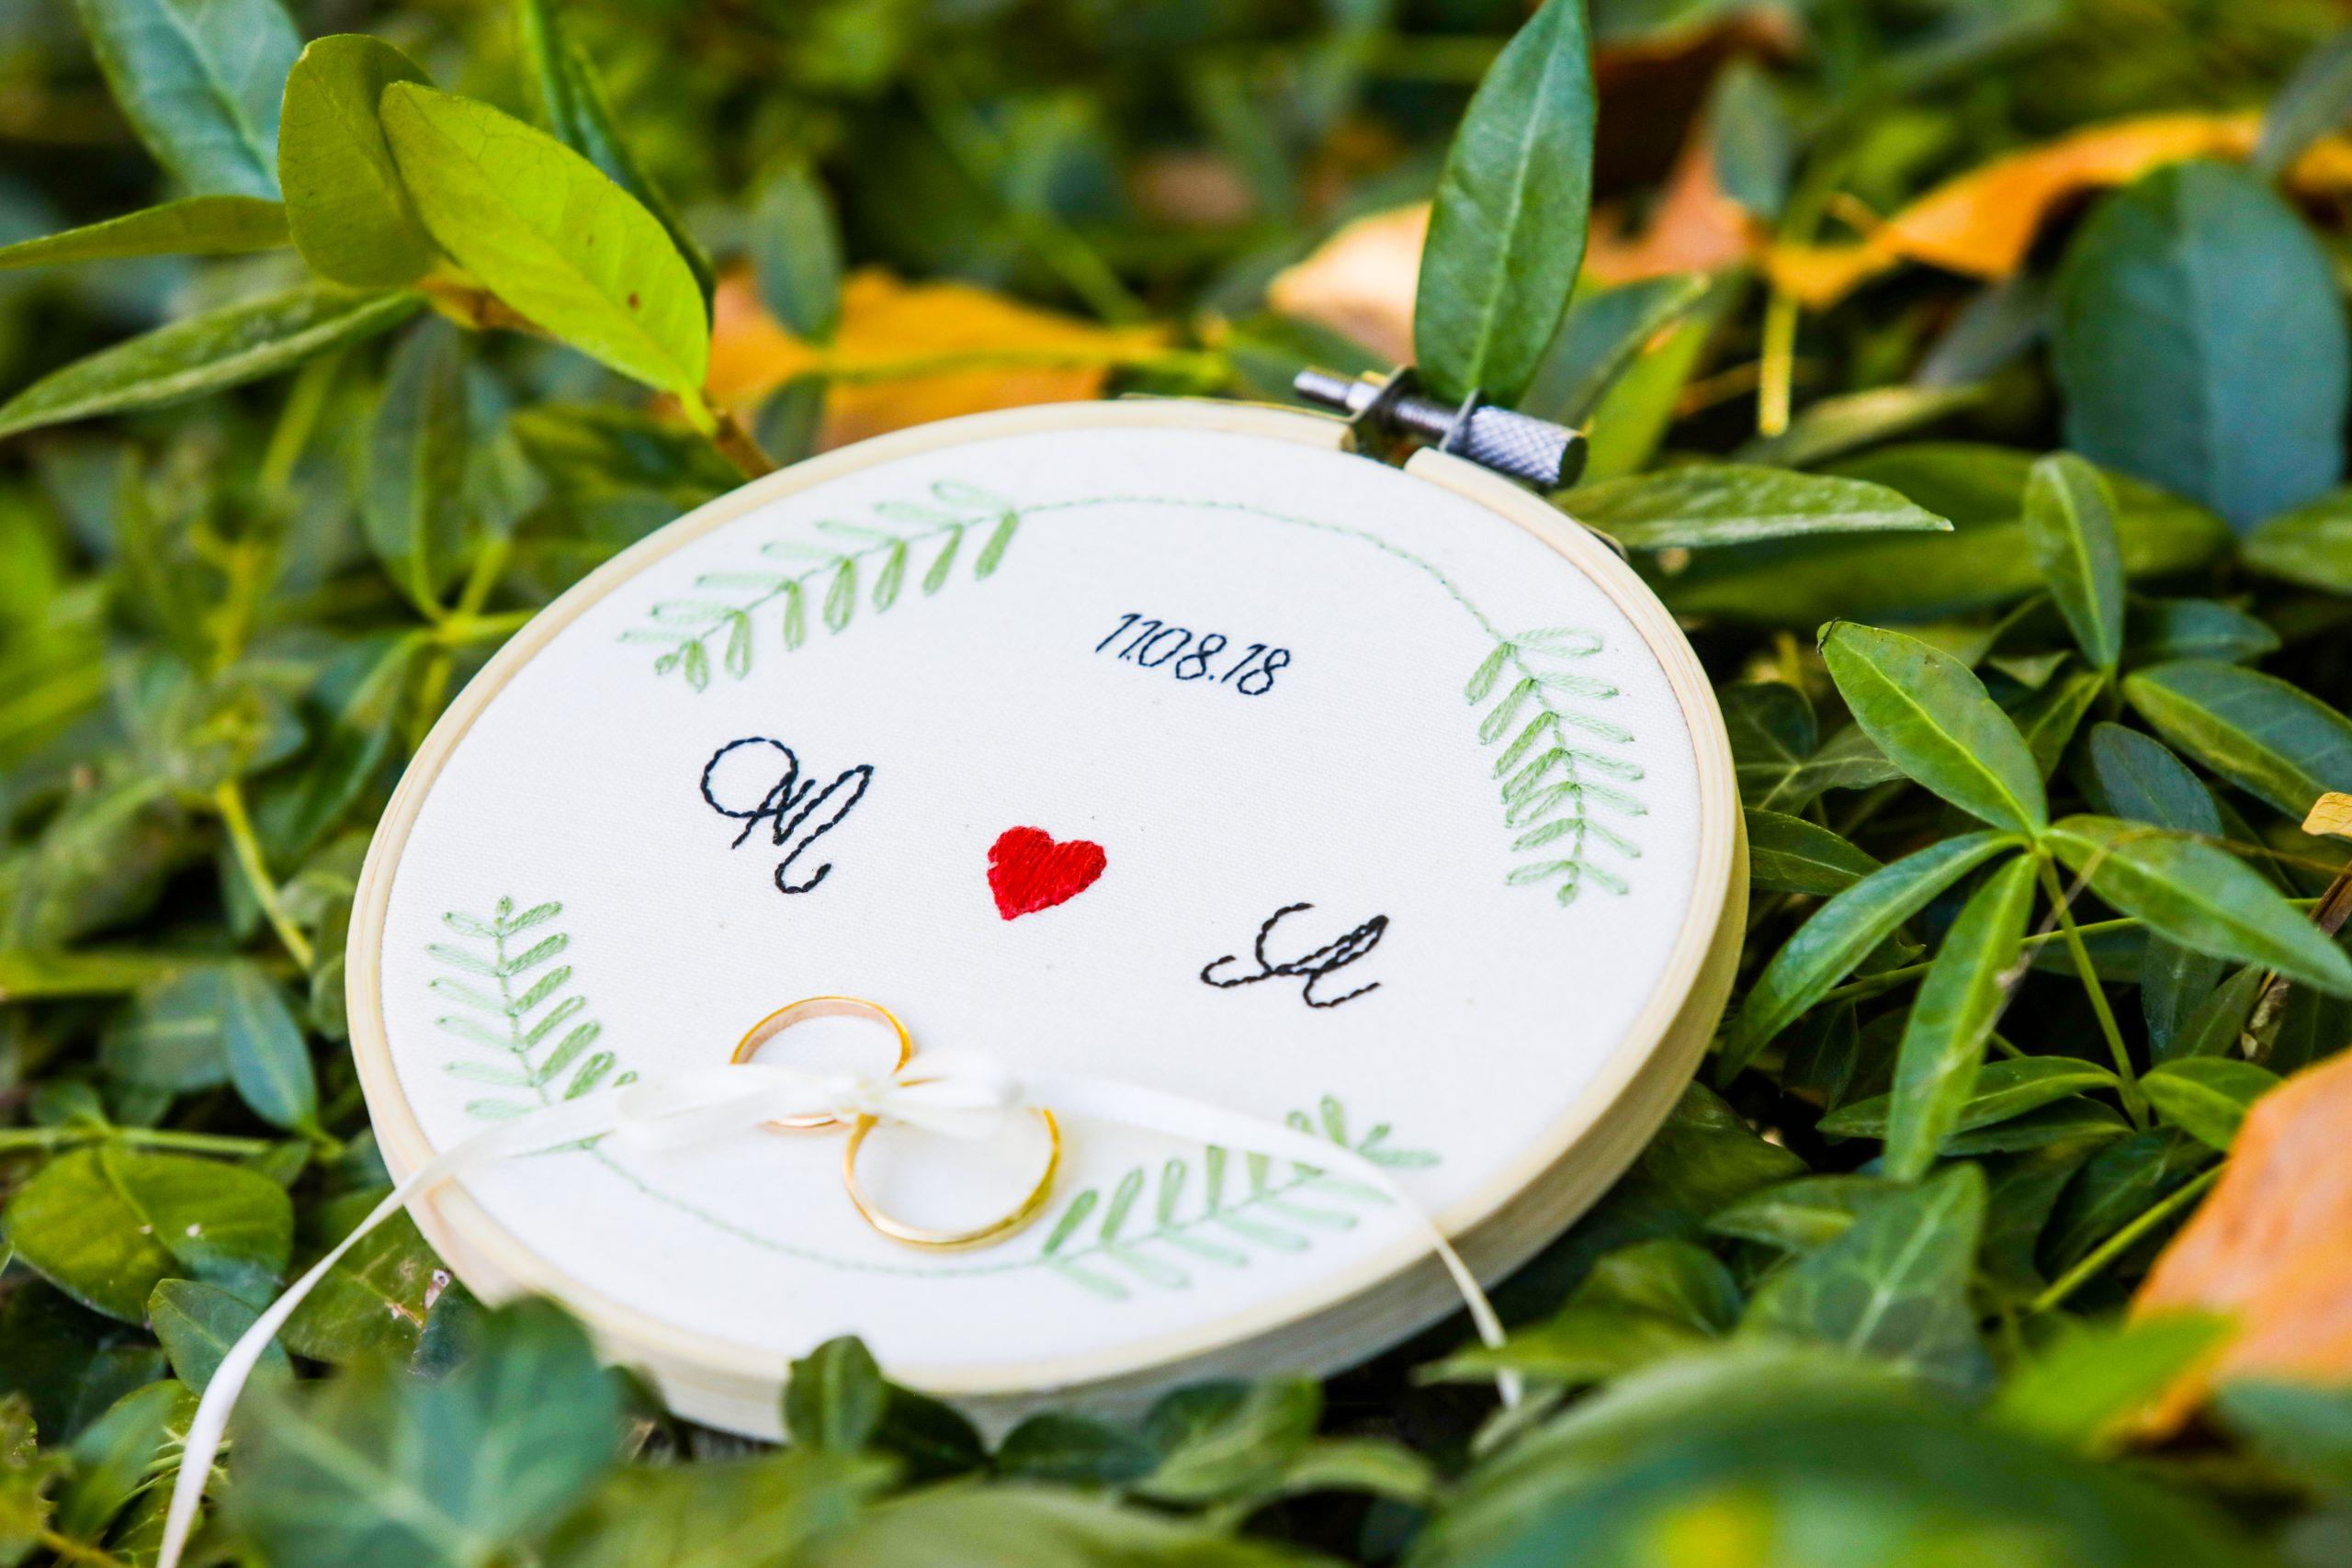 Photographie mariage - Photographe mariage - Paris- Montpellier - Nice - original - couché du soleil - Mariage Hérault - robe de mariée - bouquet de fleurs - Mariage Château Hérault - Domaine Hérault